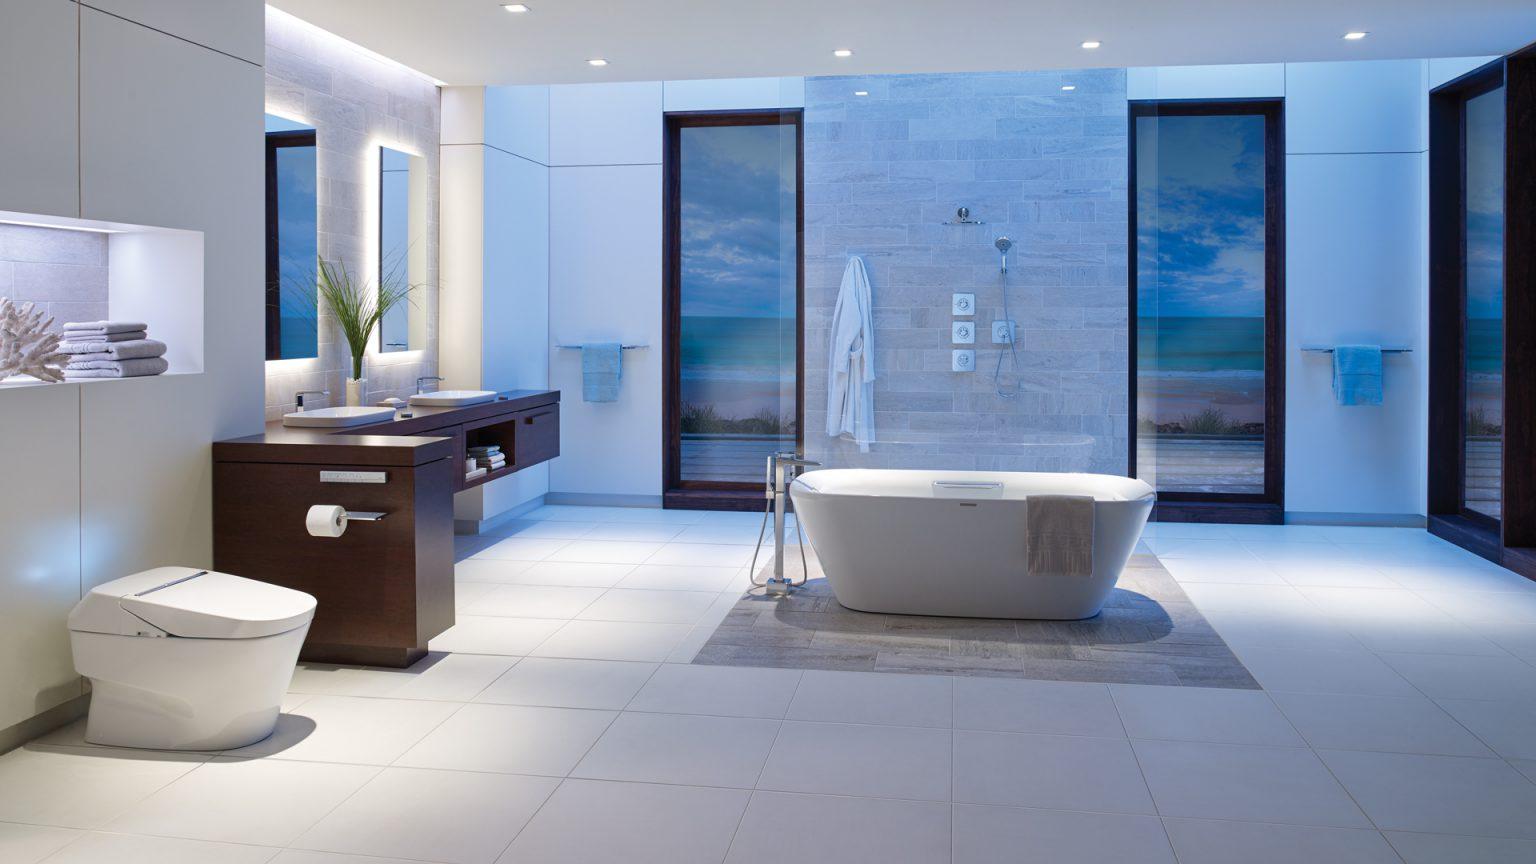 thiết kế vách tường trong nội thất nhà tắm tân cổ điển